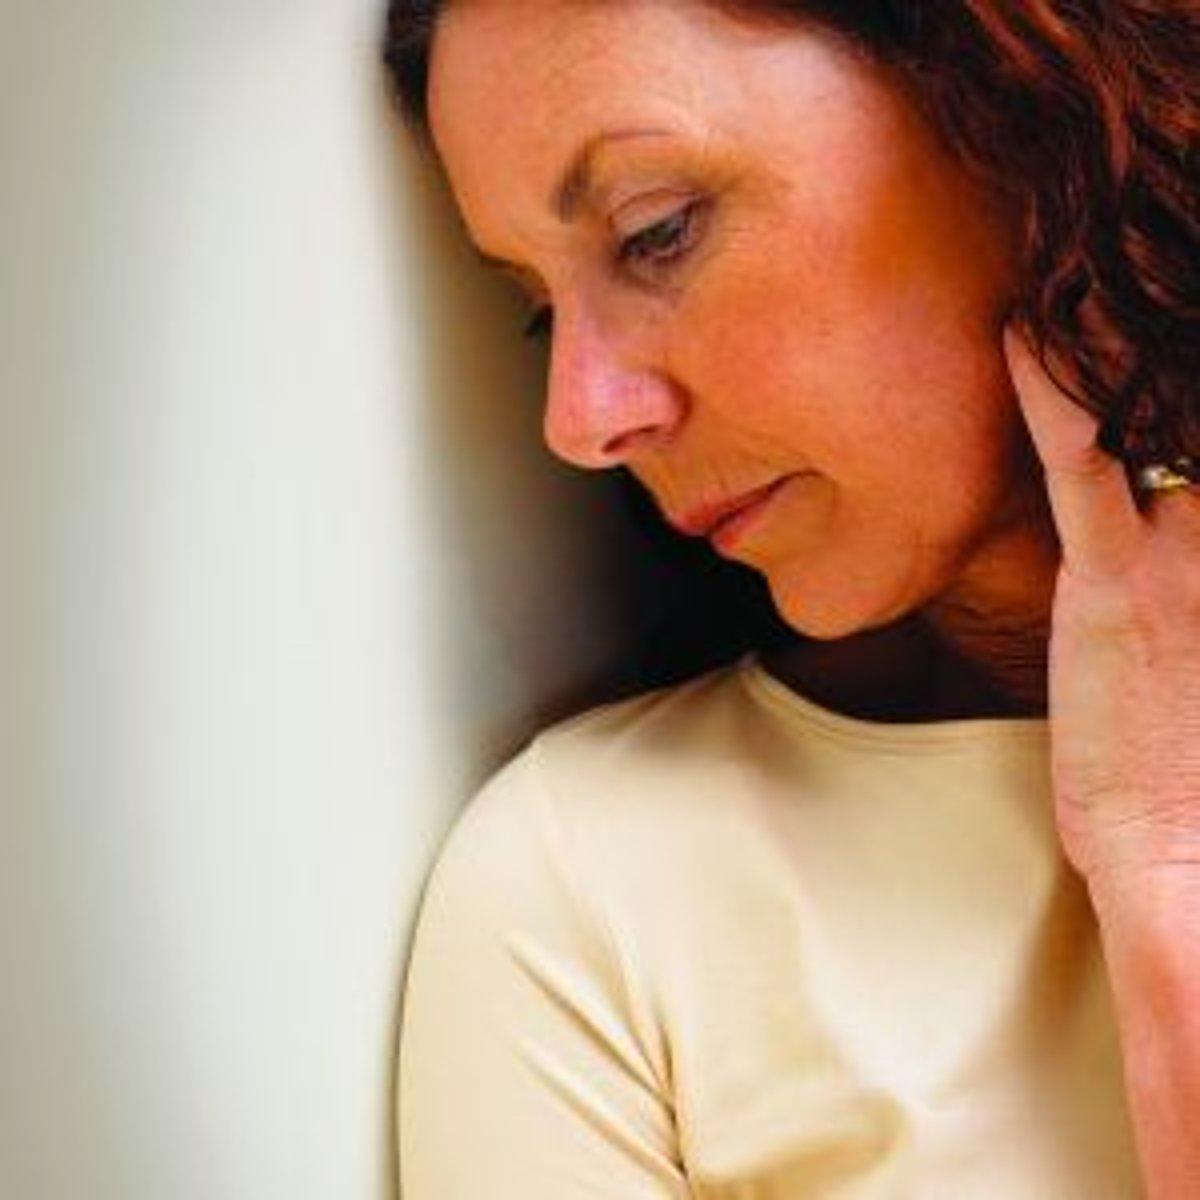 Depresiou trpí čoraz viac ľudí, je to však ochorenie, ktoré sa nedá prekonať vôľou alebo sebazaprením, ale patrí do rúk odborníka.